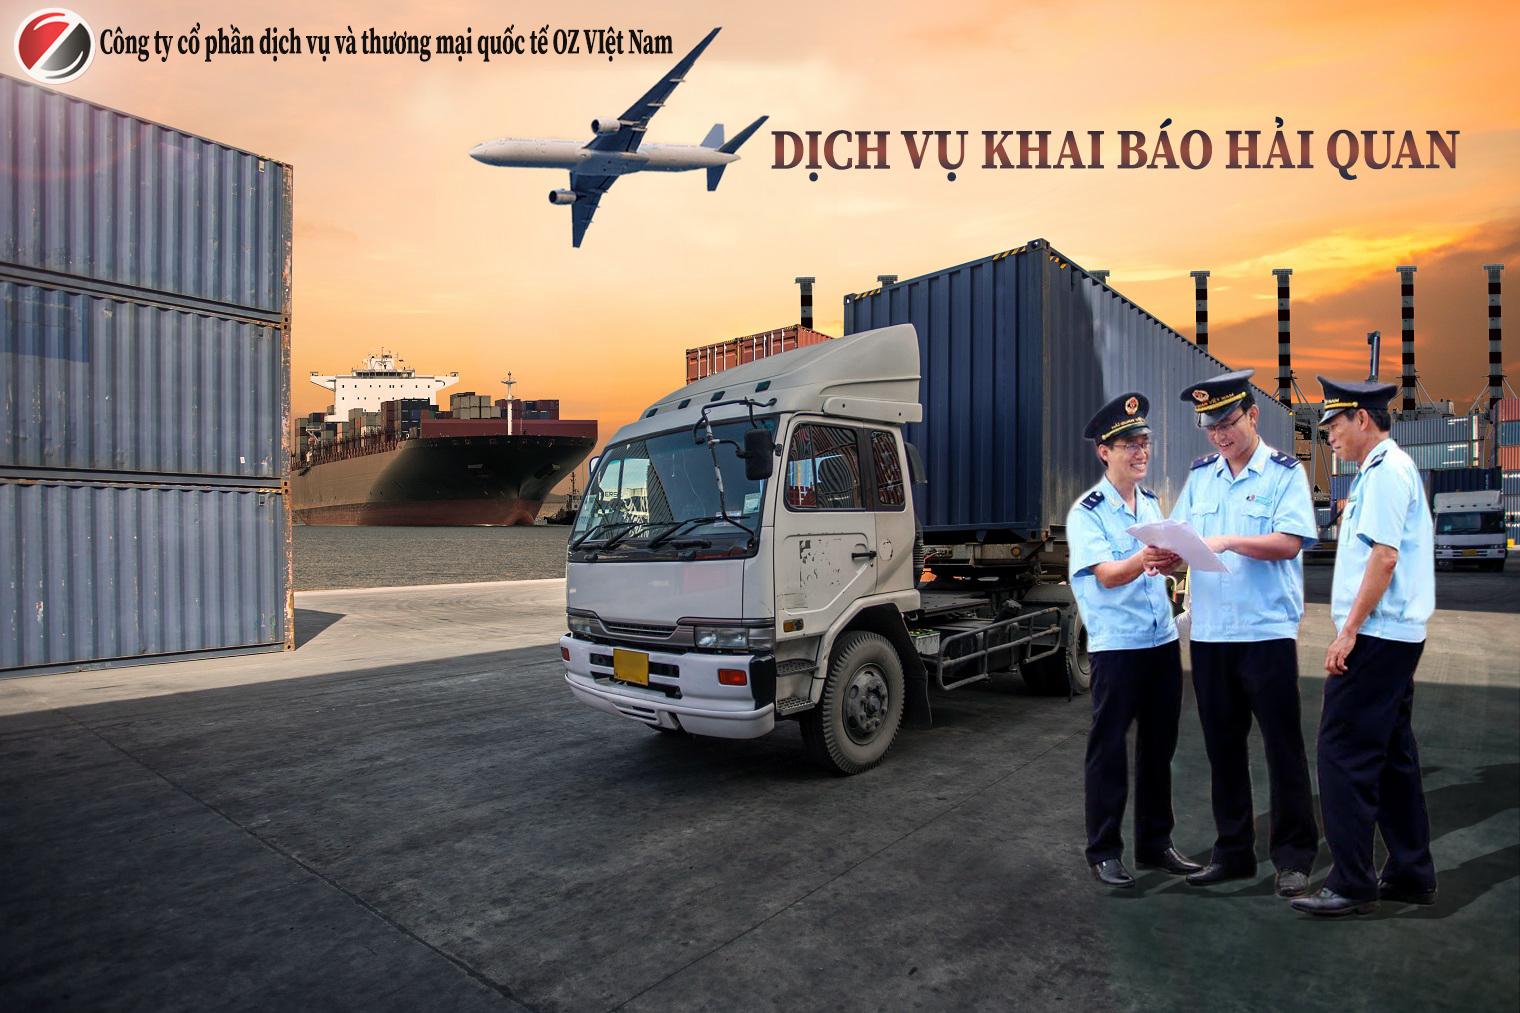 dịch vụ khai báo hải quan công ty oz Việt Nam